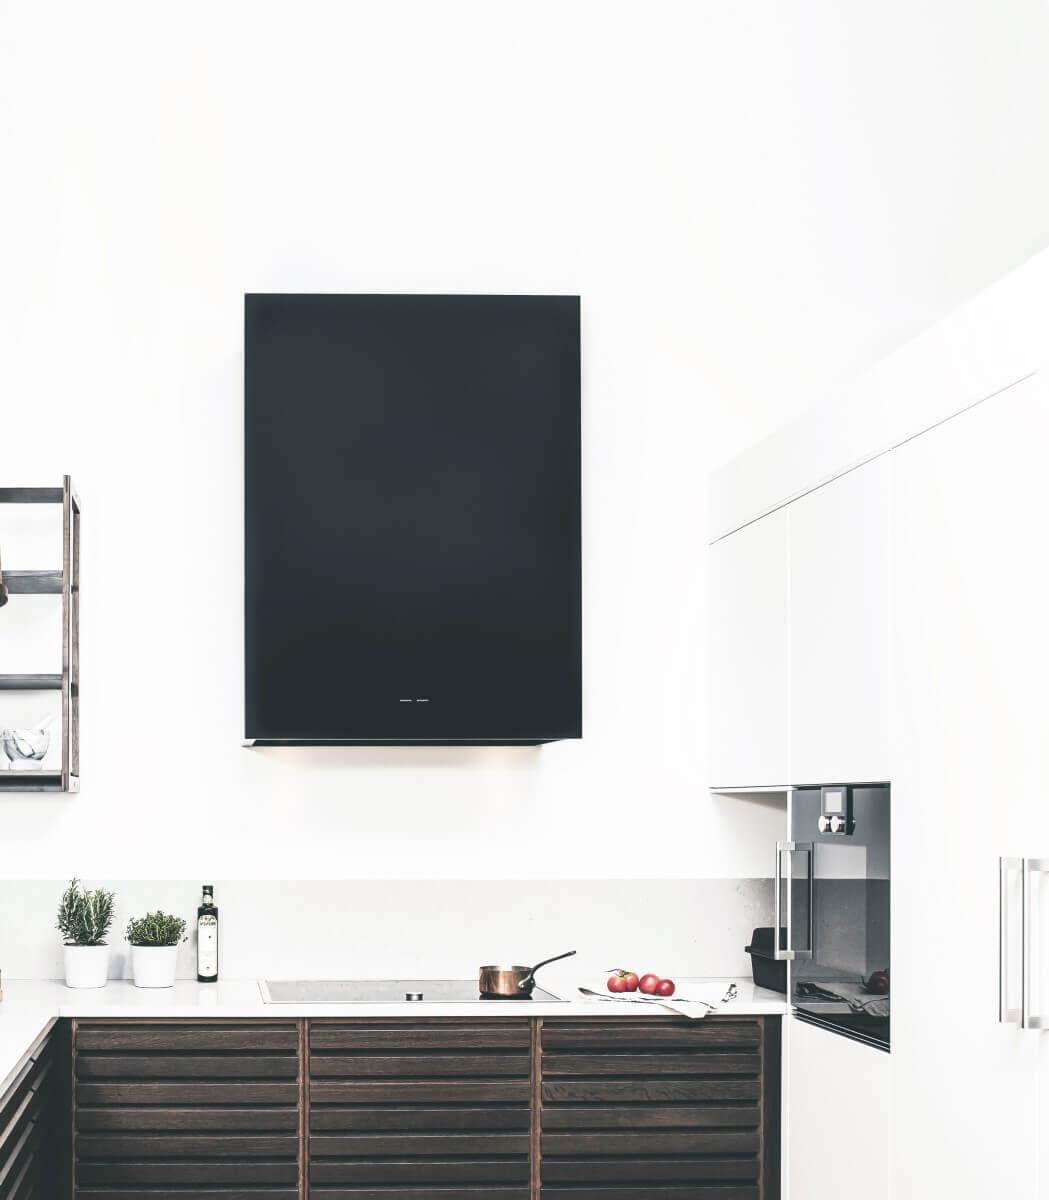 Vägghängda köksfläkten Box i svart utförande i en minimalistisk köksmiljö som skapar konstrast mellan vitt och svart.